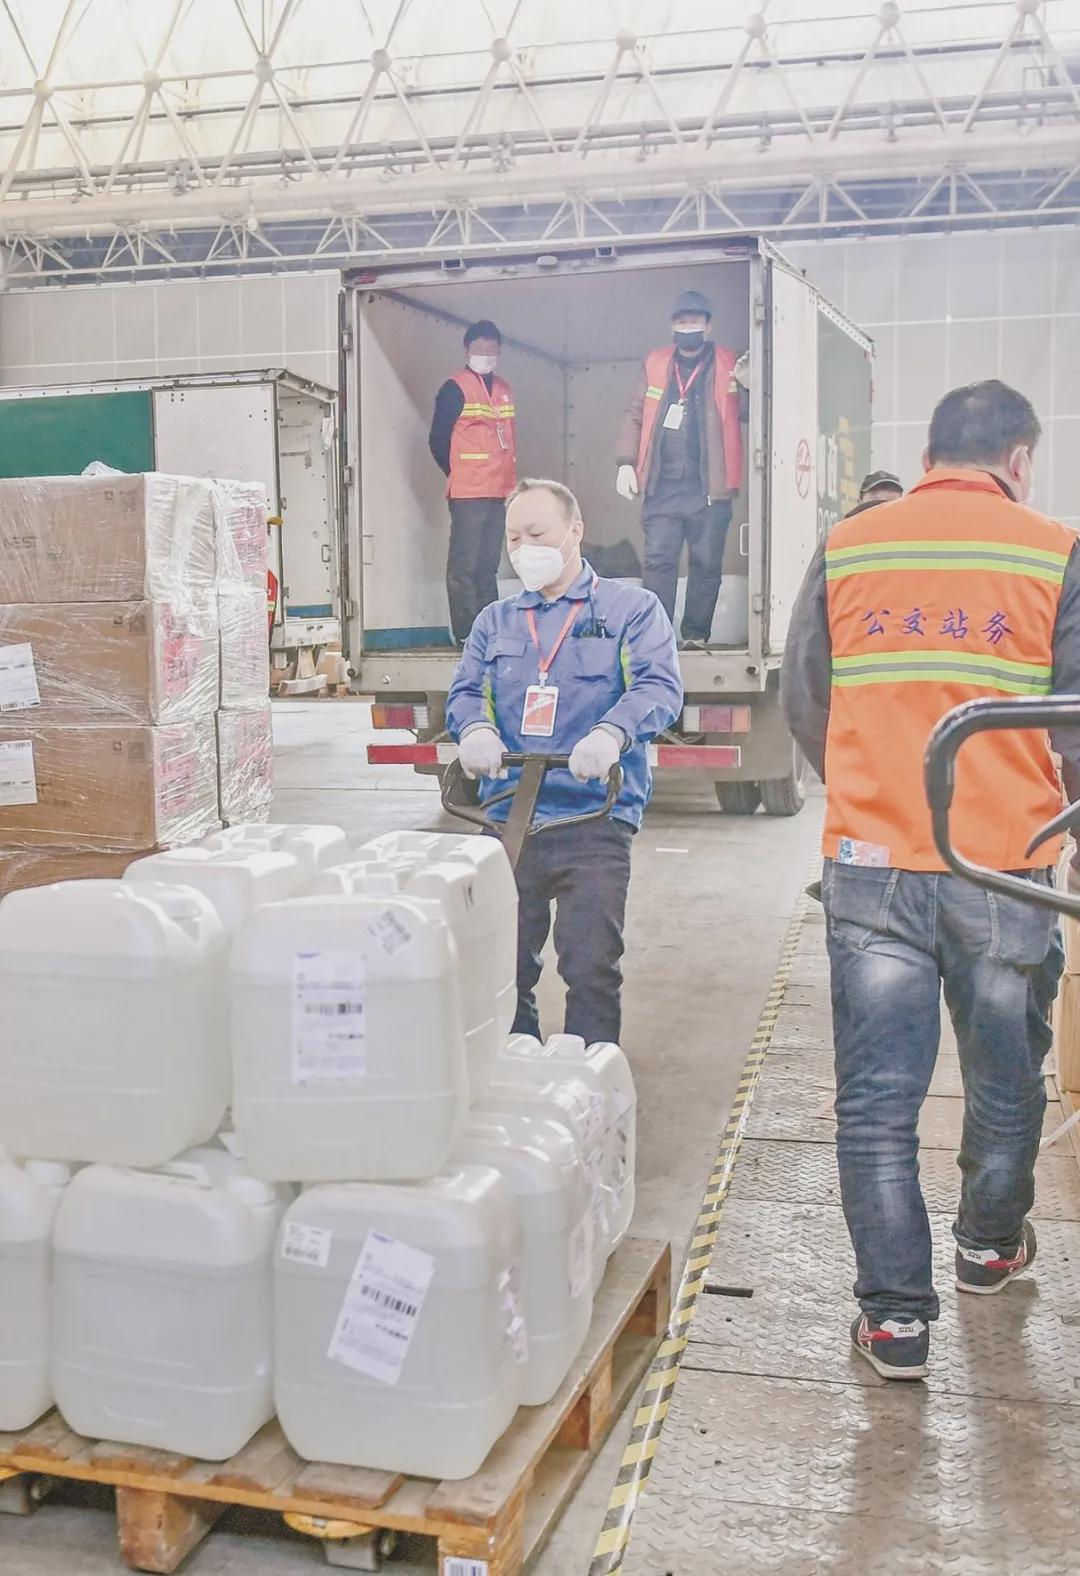 交通人高效转运防疫物资 疫情时代,武汉公交负担民生物资转运重任